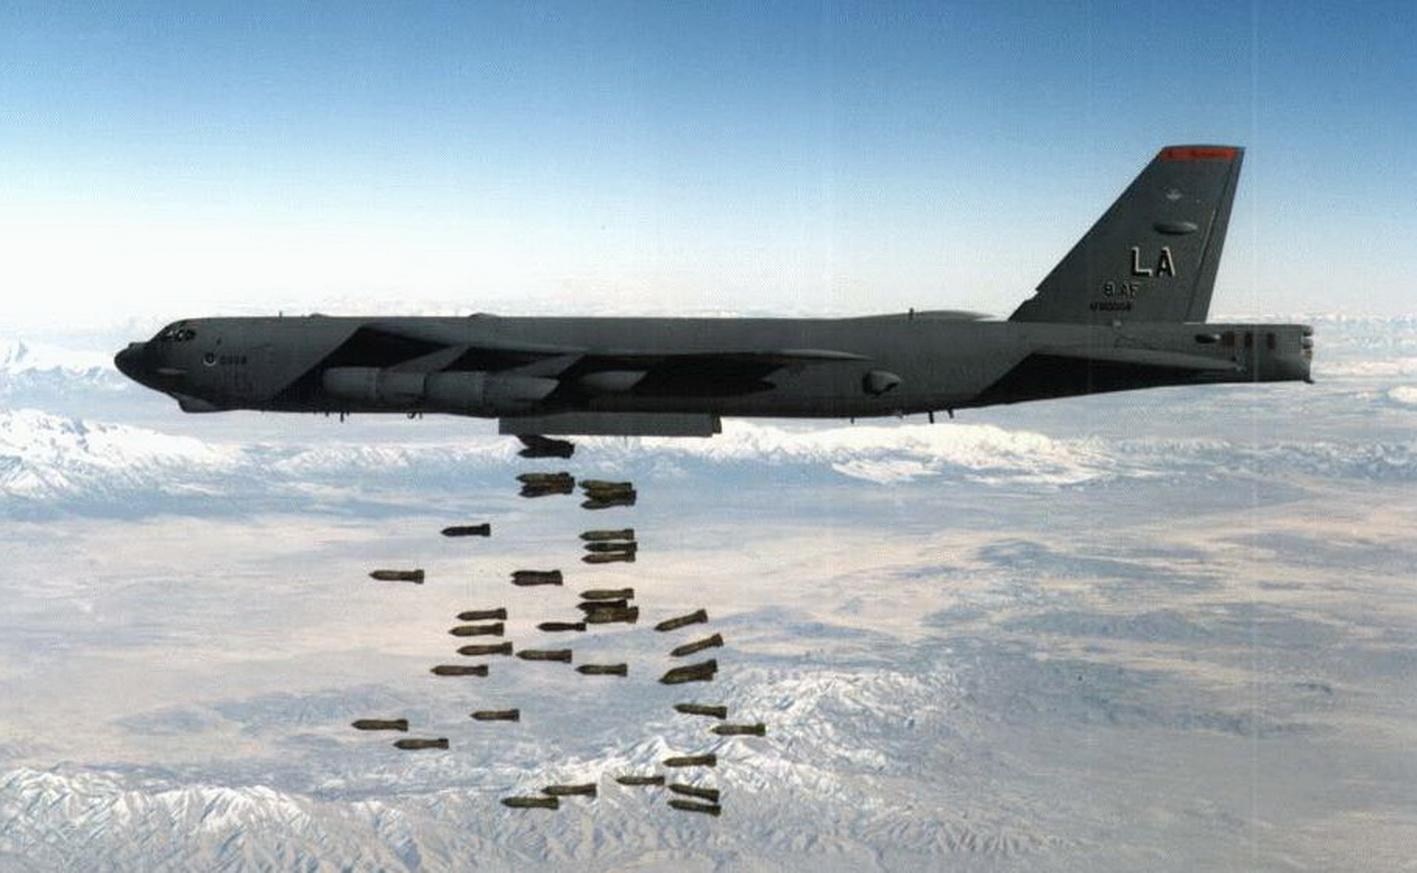 """Крым, Берег, Территориальные воды, ВВС США, Бомбардировщики, Учения, Б-52, Тренировка, Бомбардировка, """"Файрфорд"""", Европа"""